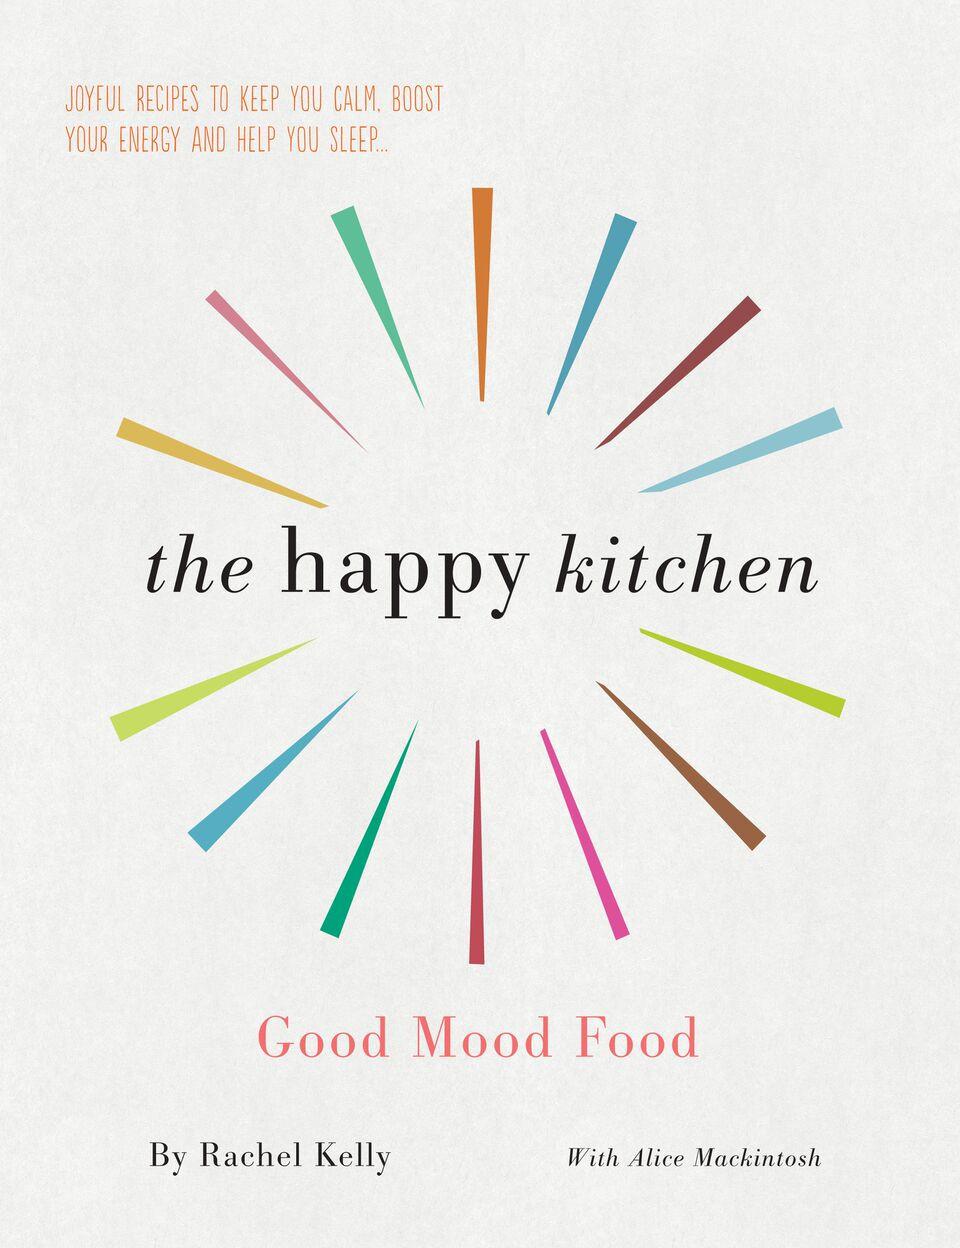 Good Mood Food with Rachel Kelly